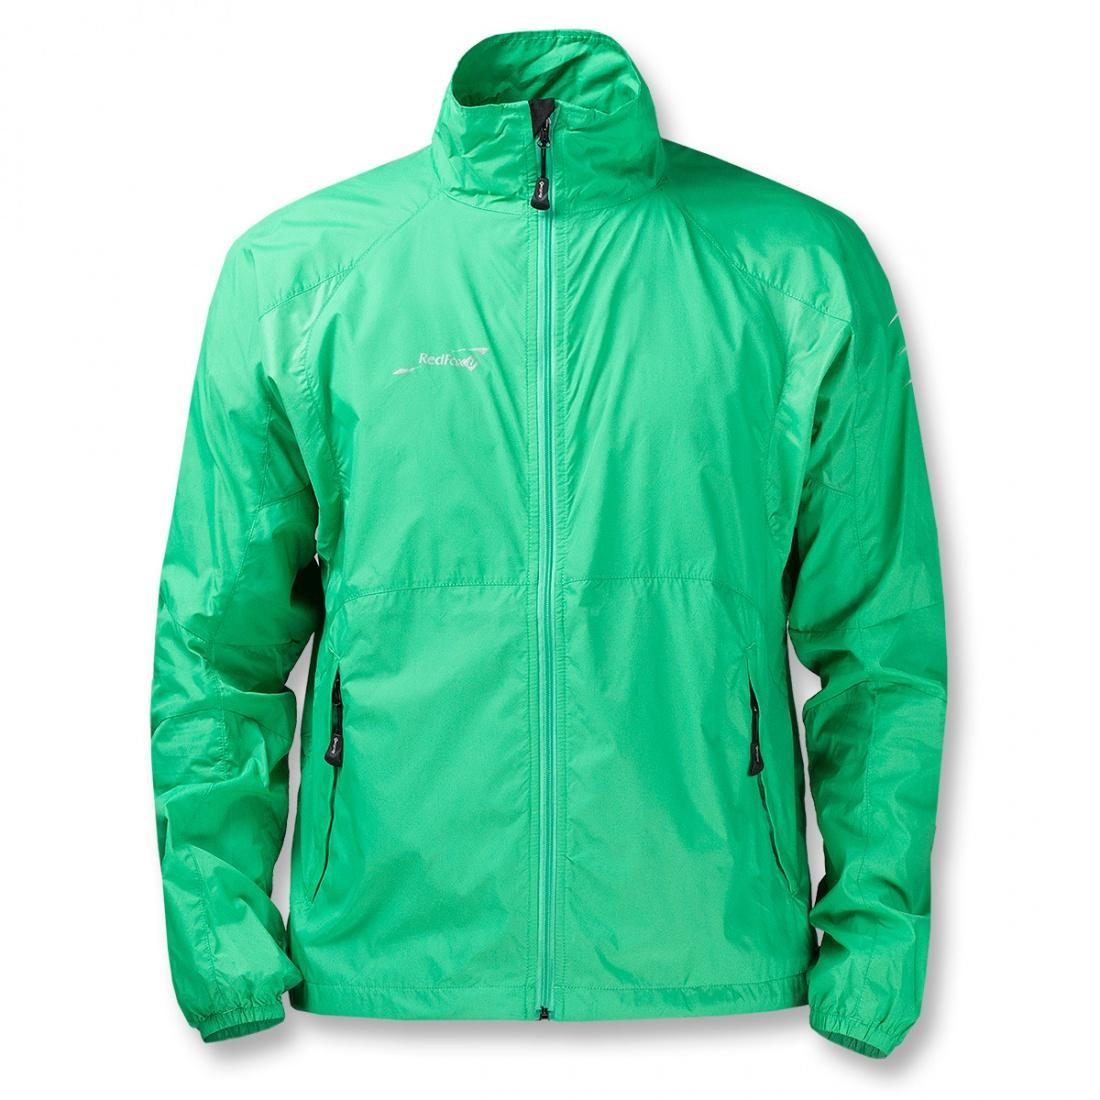 Куртка ветрозащитная Trek Light IIКуртки<br><br> Очень легкая куртка для мультиспортсменов. Отлично сочетает в себе функции защиты от ветра и максимальной свободы движений. Куртку мож...<br><br>Цвет: Зеленый<br>Размер: 54